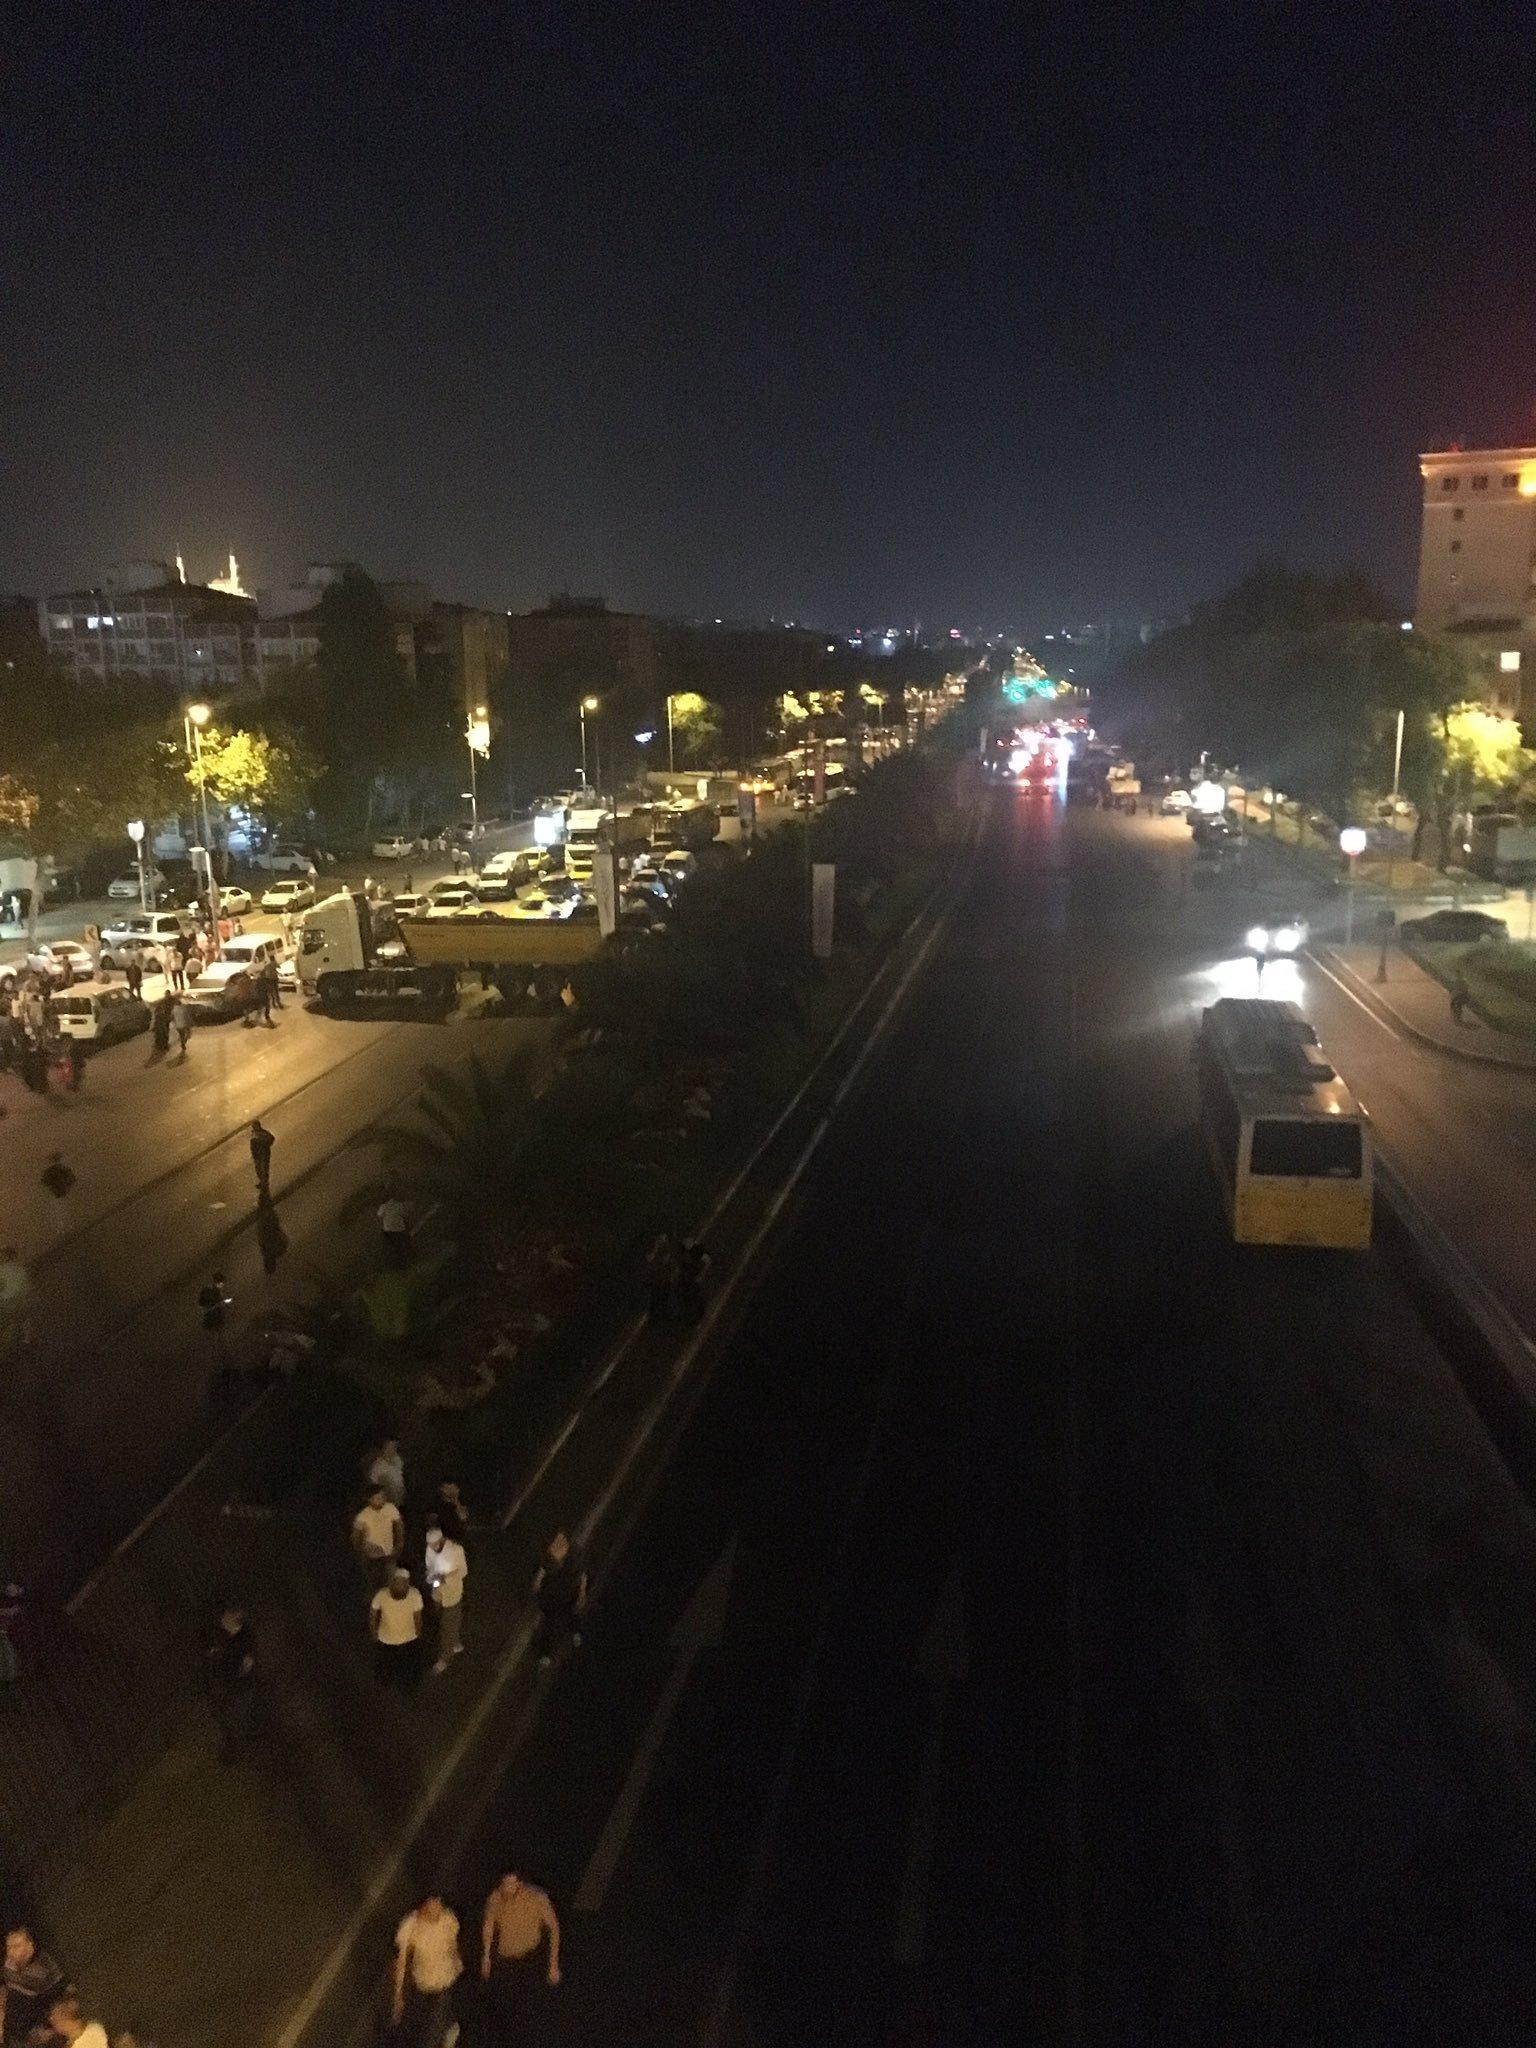 Emniyet güçleri ve vatandaşlar bir hafriyat kamyonunu yatay olarak yola çekerek tankların Vatan caddesindeki İstanbul Emniyet Müdürlüğüne geçişlerini engelledi.